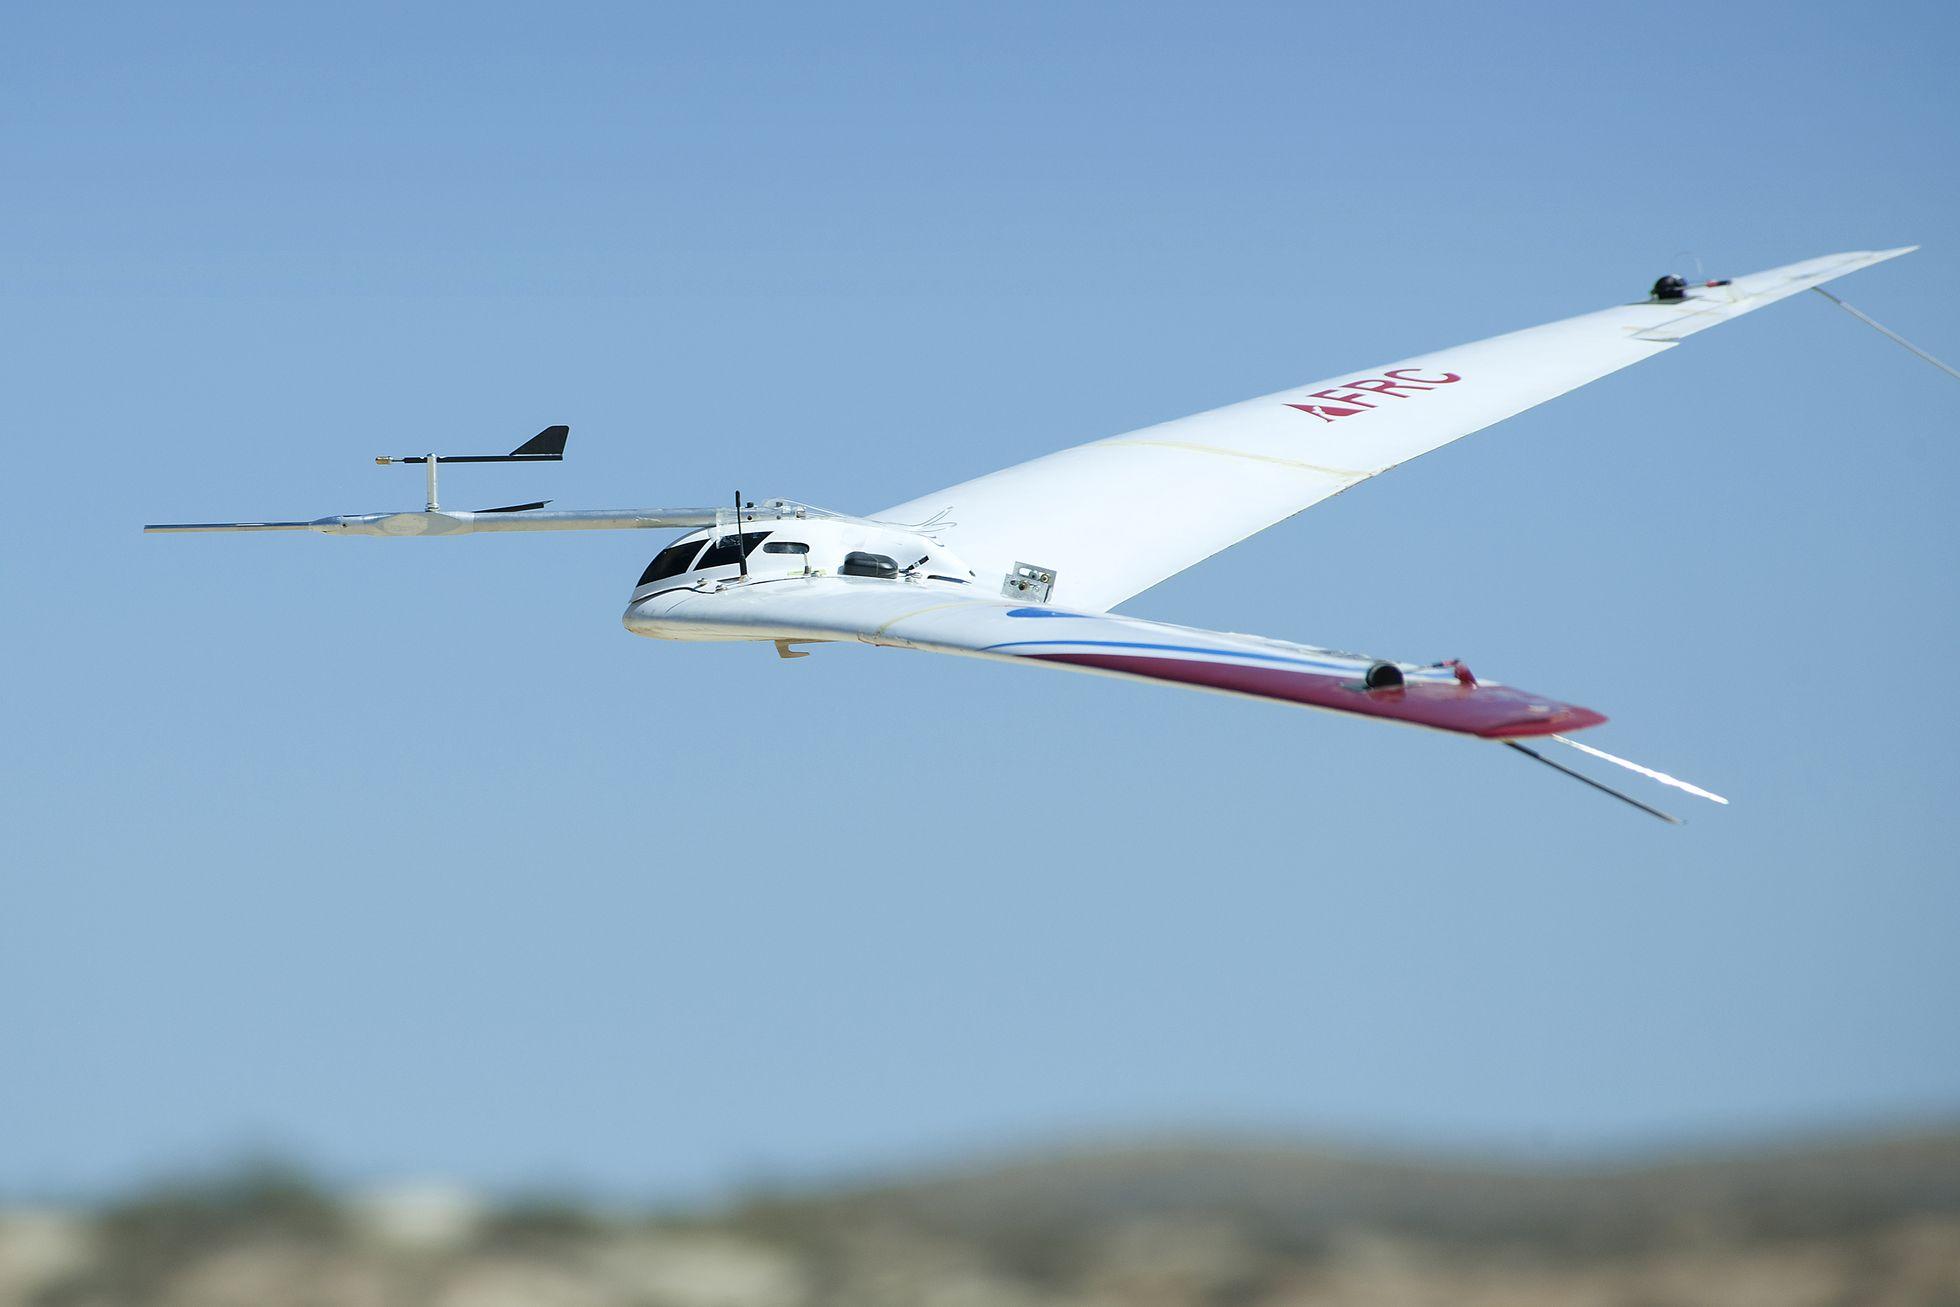 Prandtl-m: Nasa will den Mars mit einem Gleitflugzeug erkunden - Test mit dem Gleiter Prandtl-m. Er soll in einigen Jahren auf dem Mars eingesetzt werden. (Foto: Ken Ulbrich/Nasa)